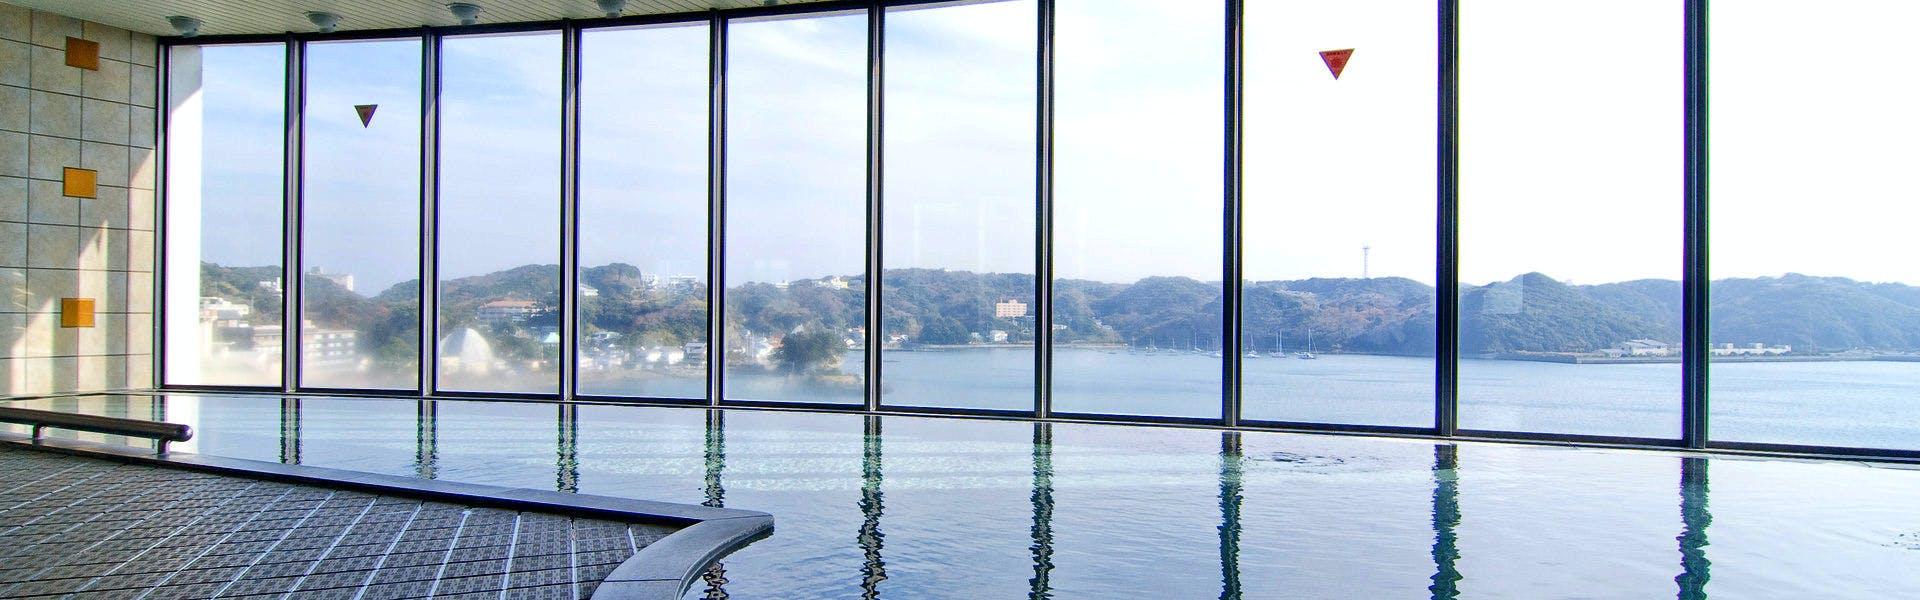 記念日におすすめのホテル・下田ベイクロシオの写真3